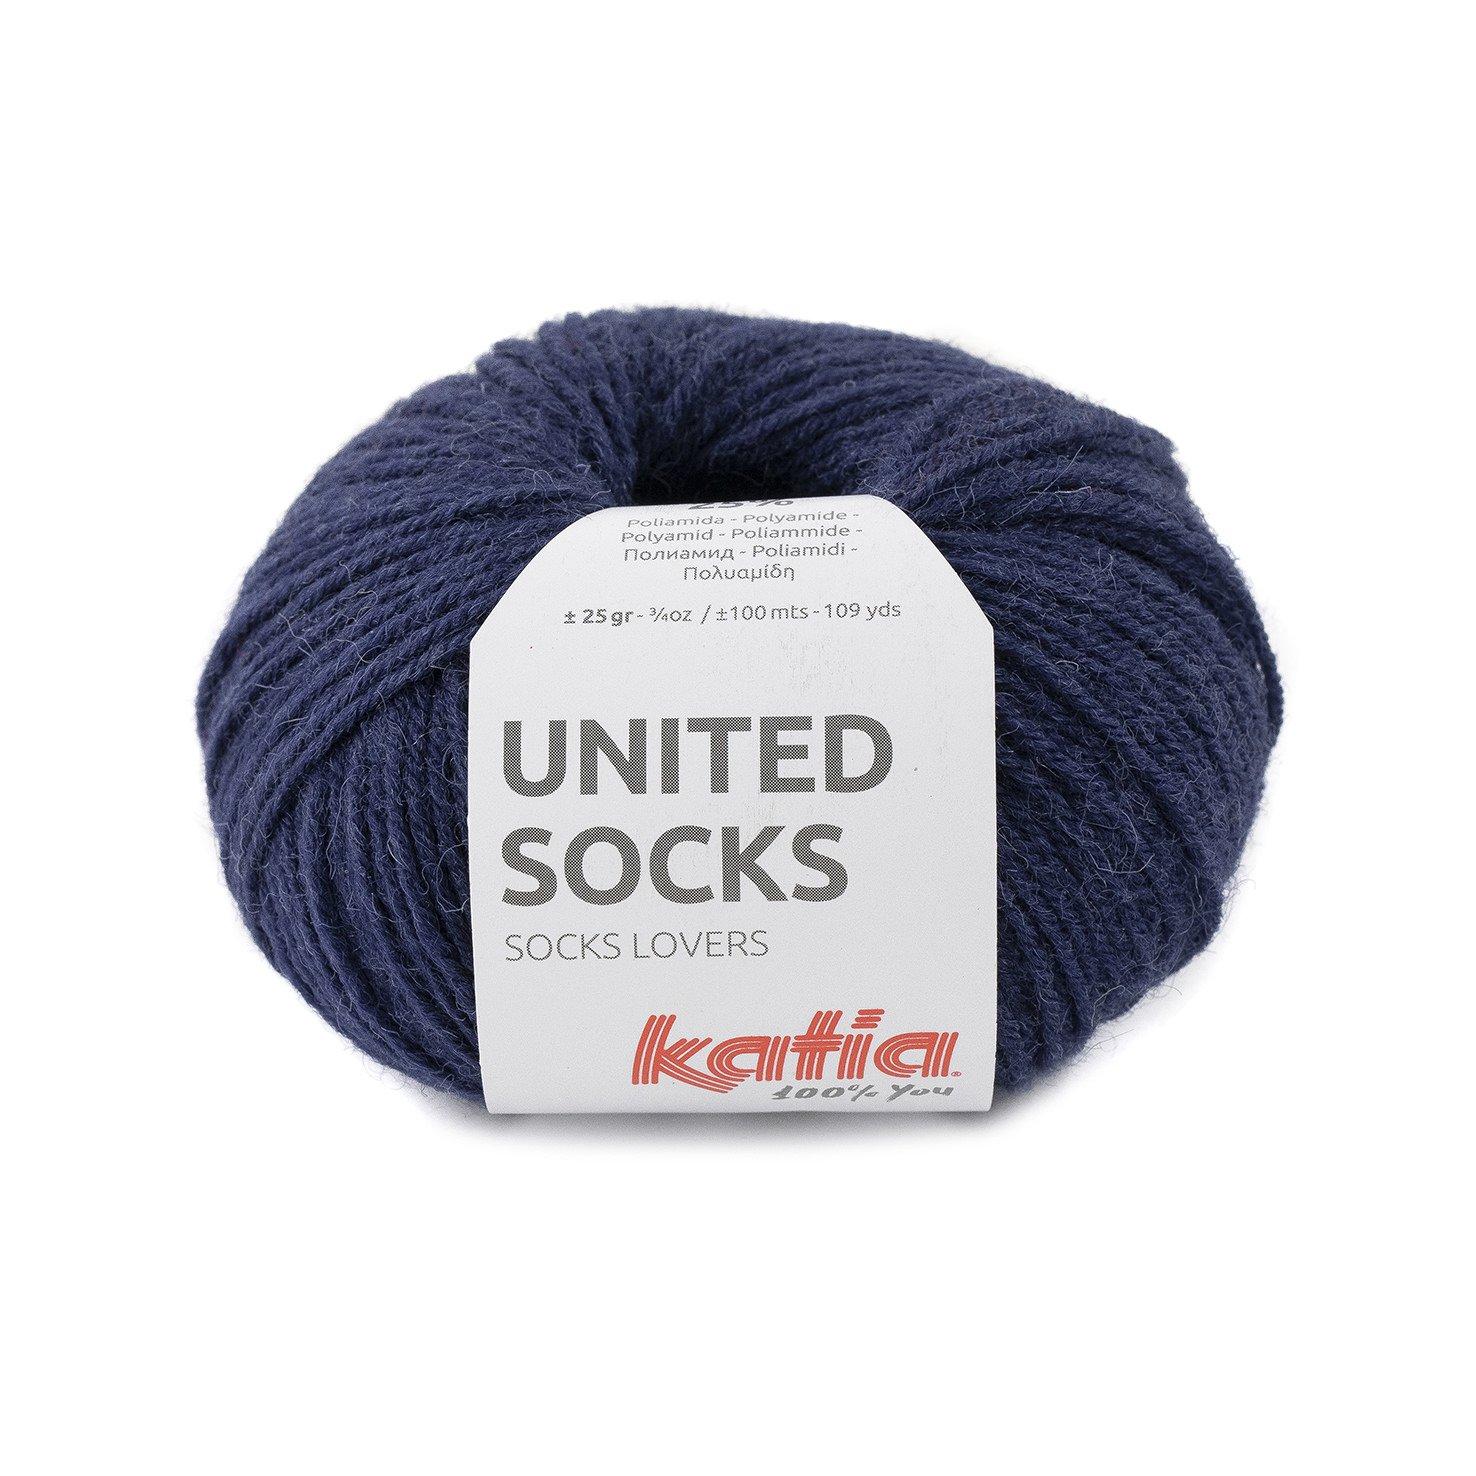 sokkenwol bonkerblauw